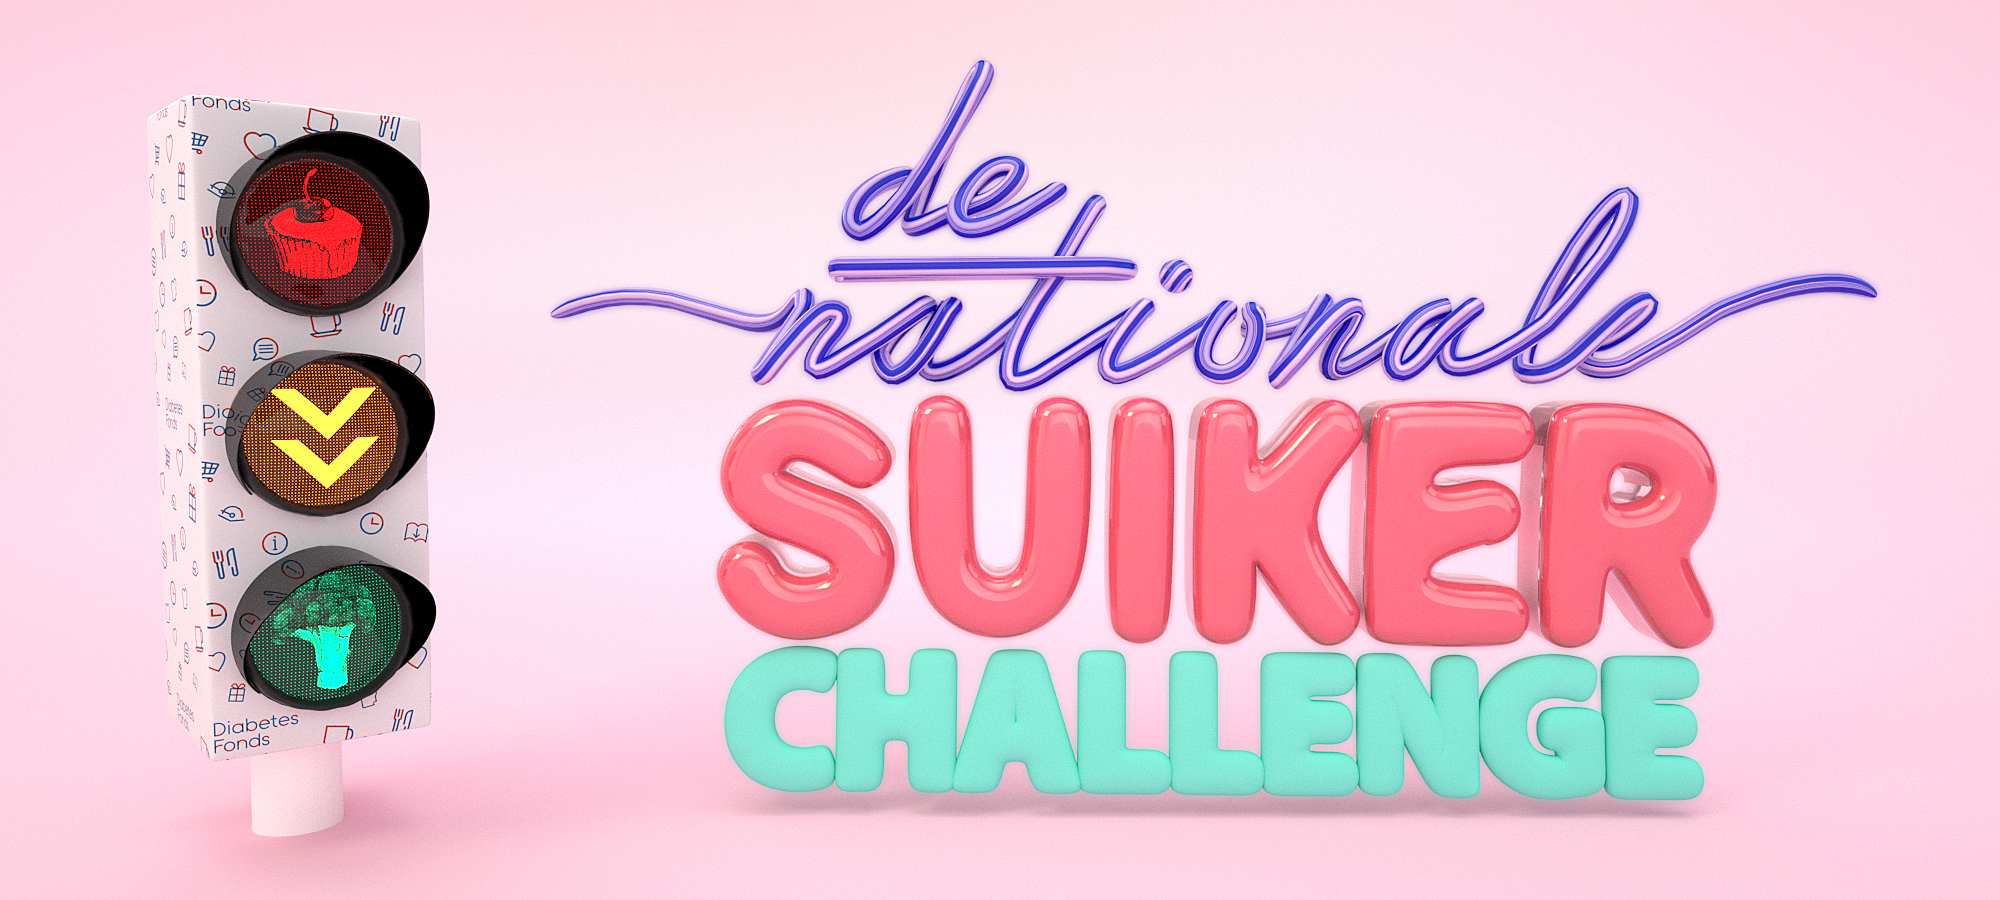 Maandag start de tweede Nationale Suiker Challenge, doe je mee?